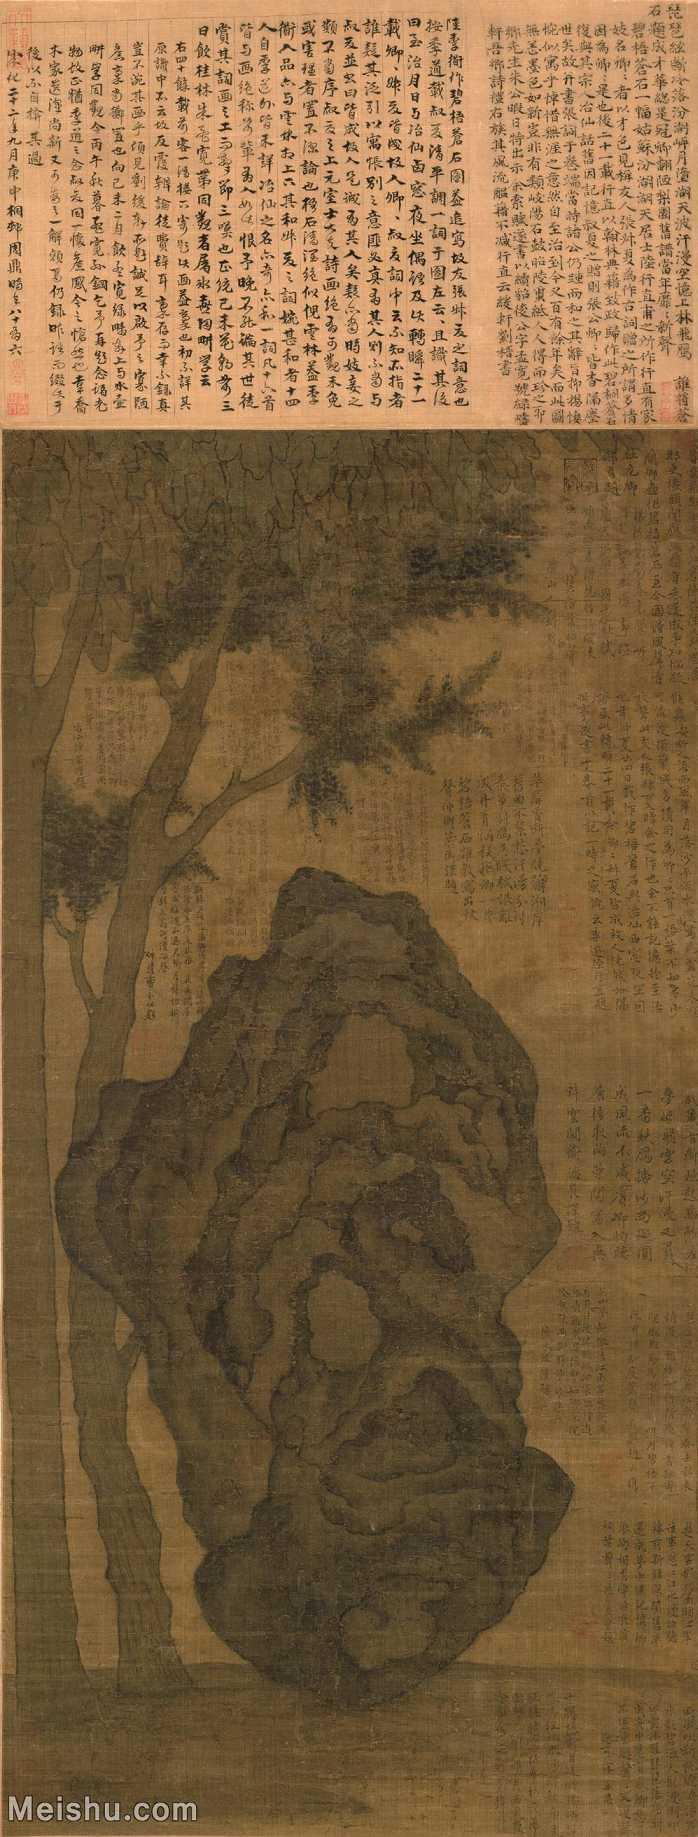 【超顶级】GH6085361古画树木植物-碧梧苍石图-明-陆行直-30x79-110x289-顽石头立轴图片-967M-